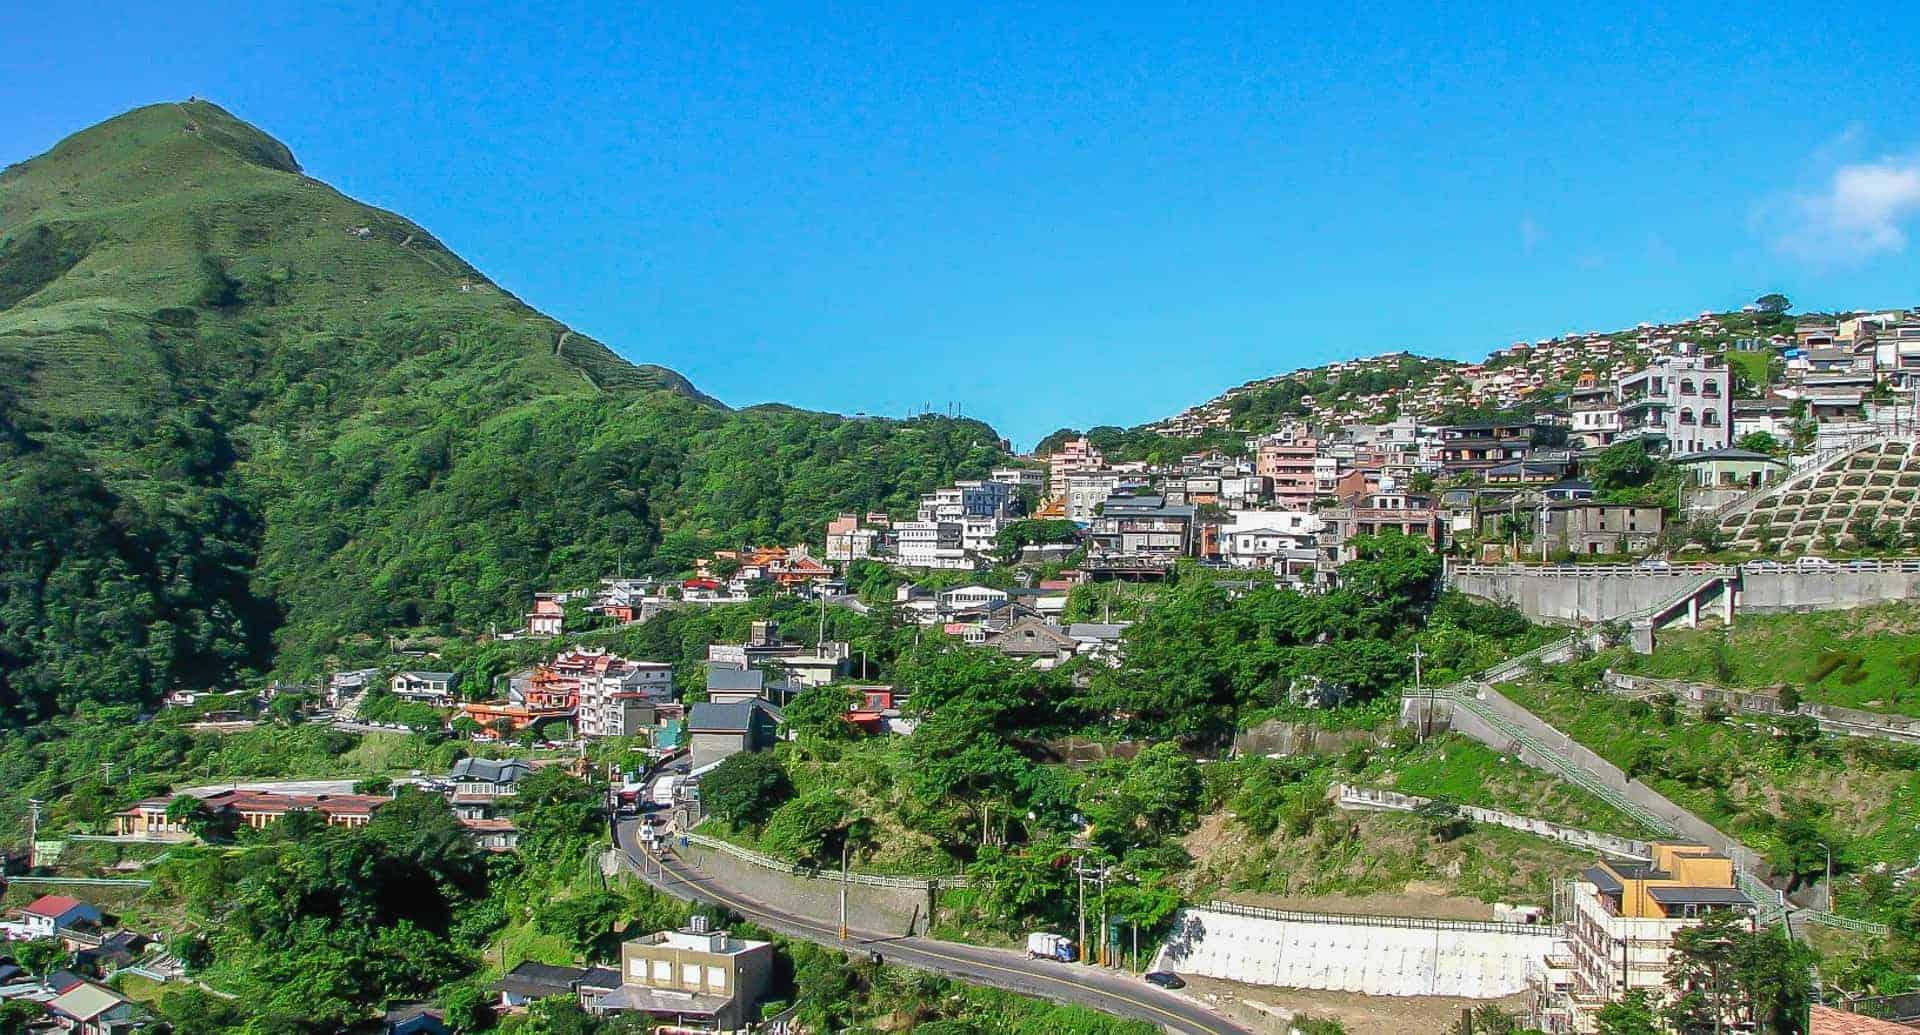 How to get to Jiufen, Jinguashi, Shifen watefall from Taipei